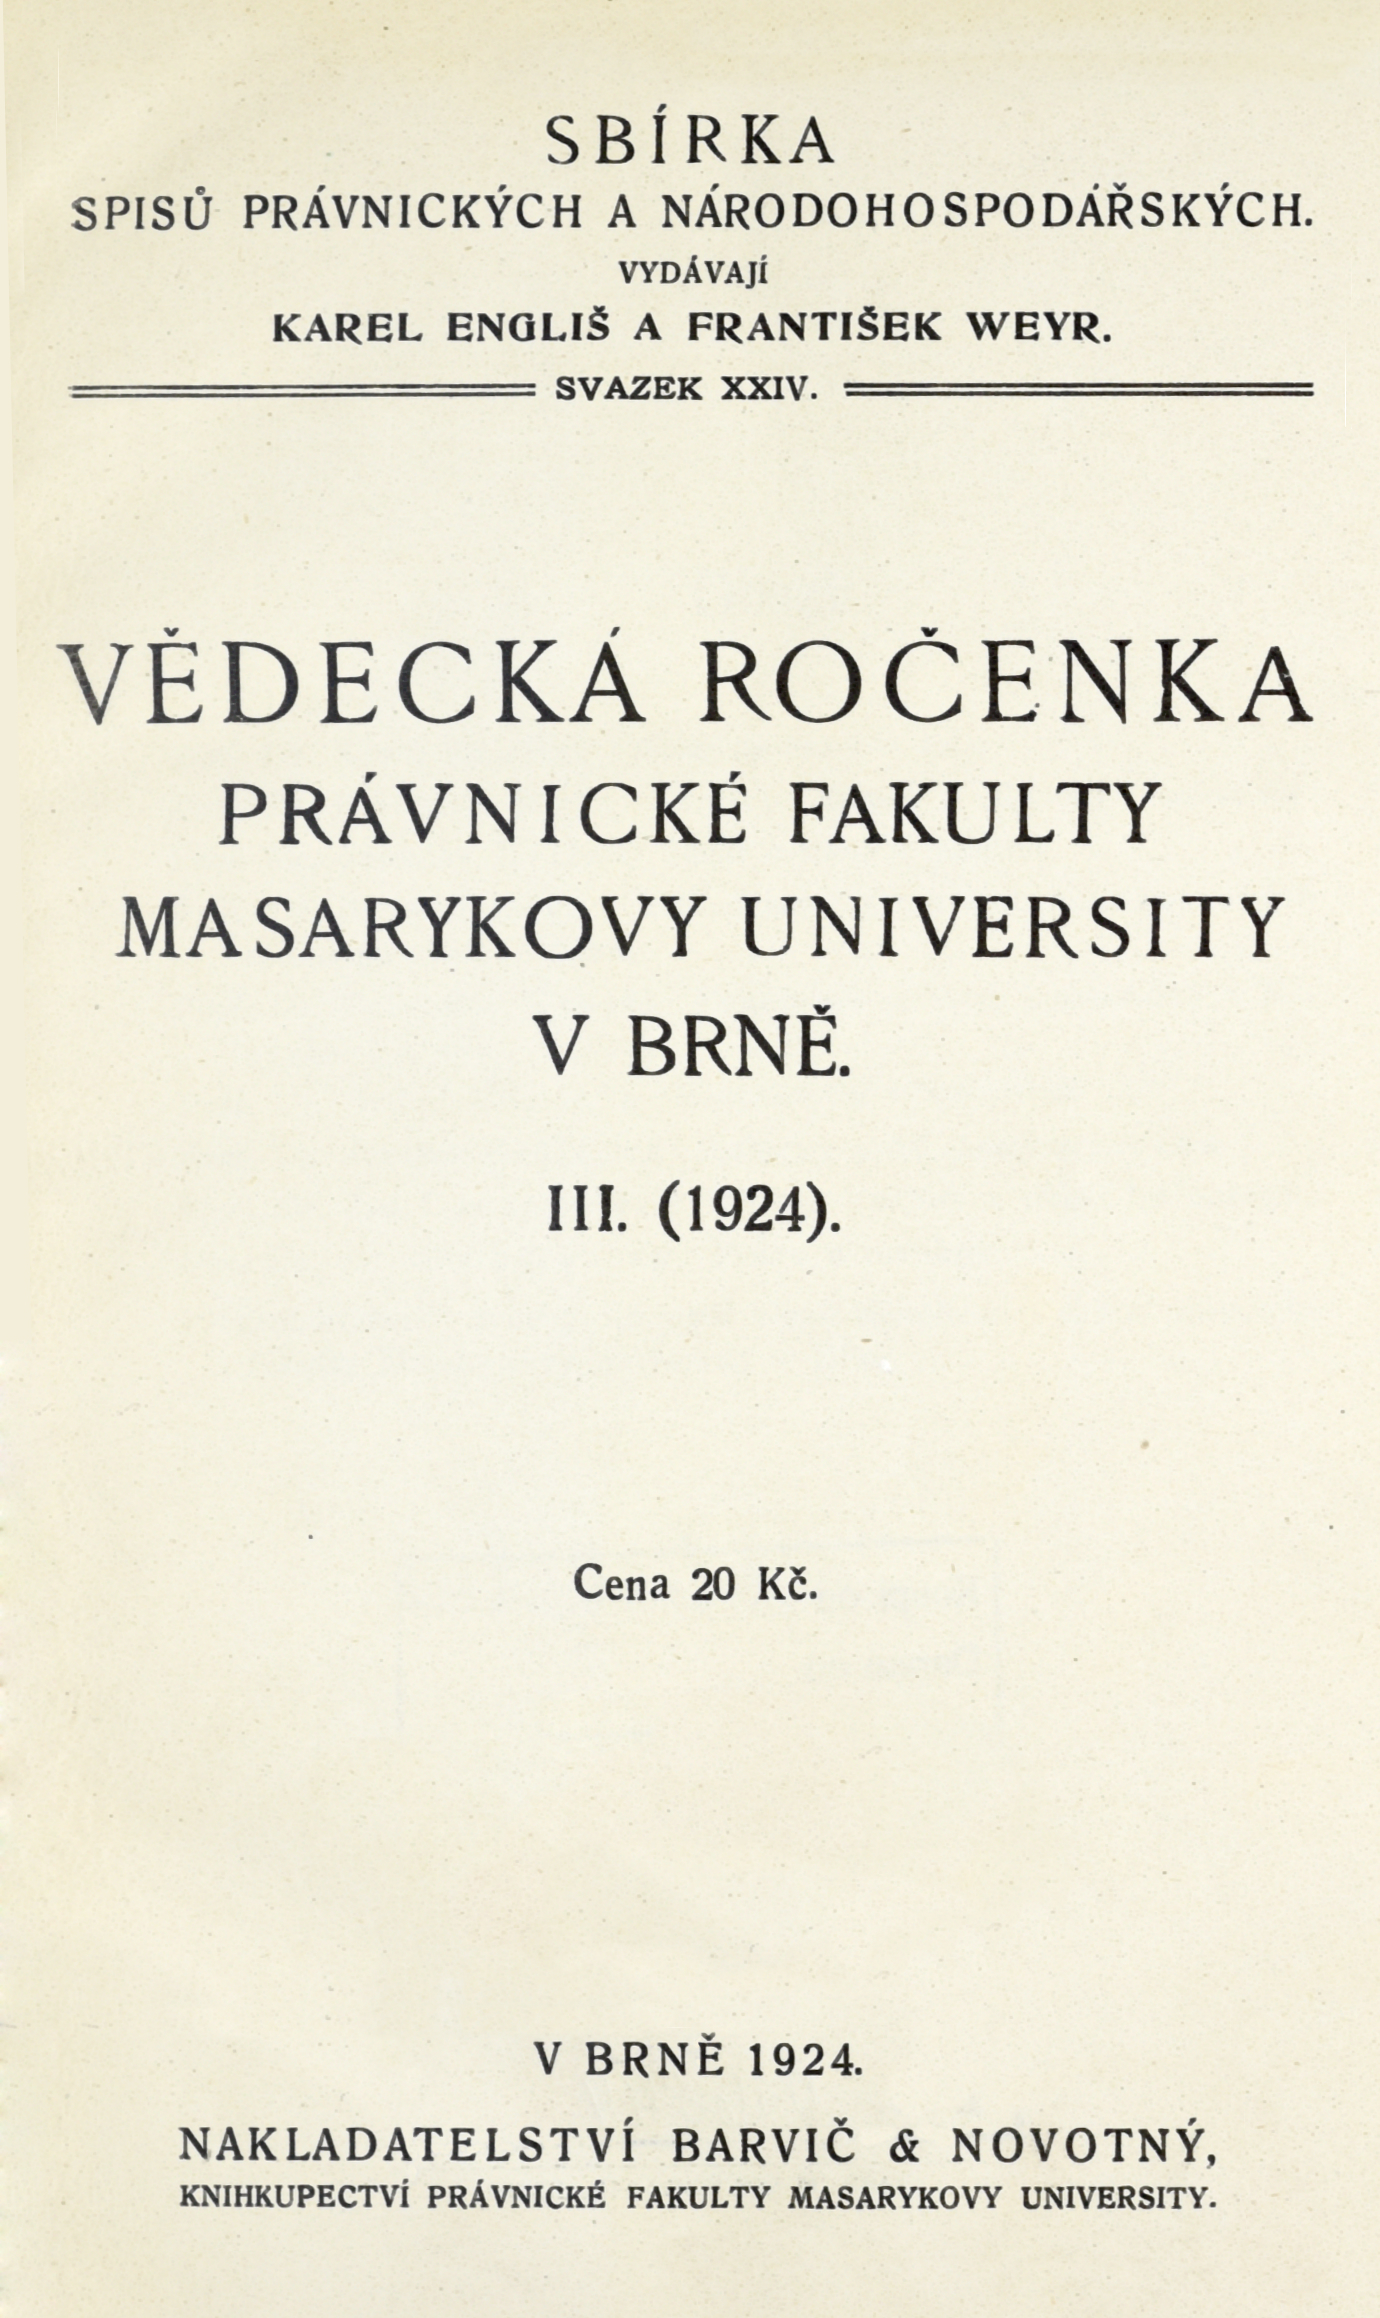 Obálka pro Vědecká ročenka právnické fakulty Masarykovy university v Brně. 3. (1924)